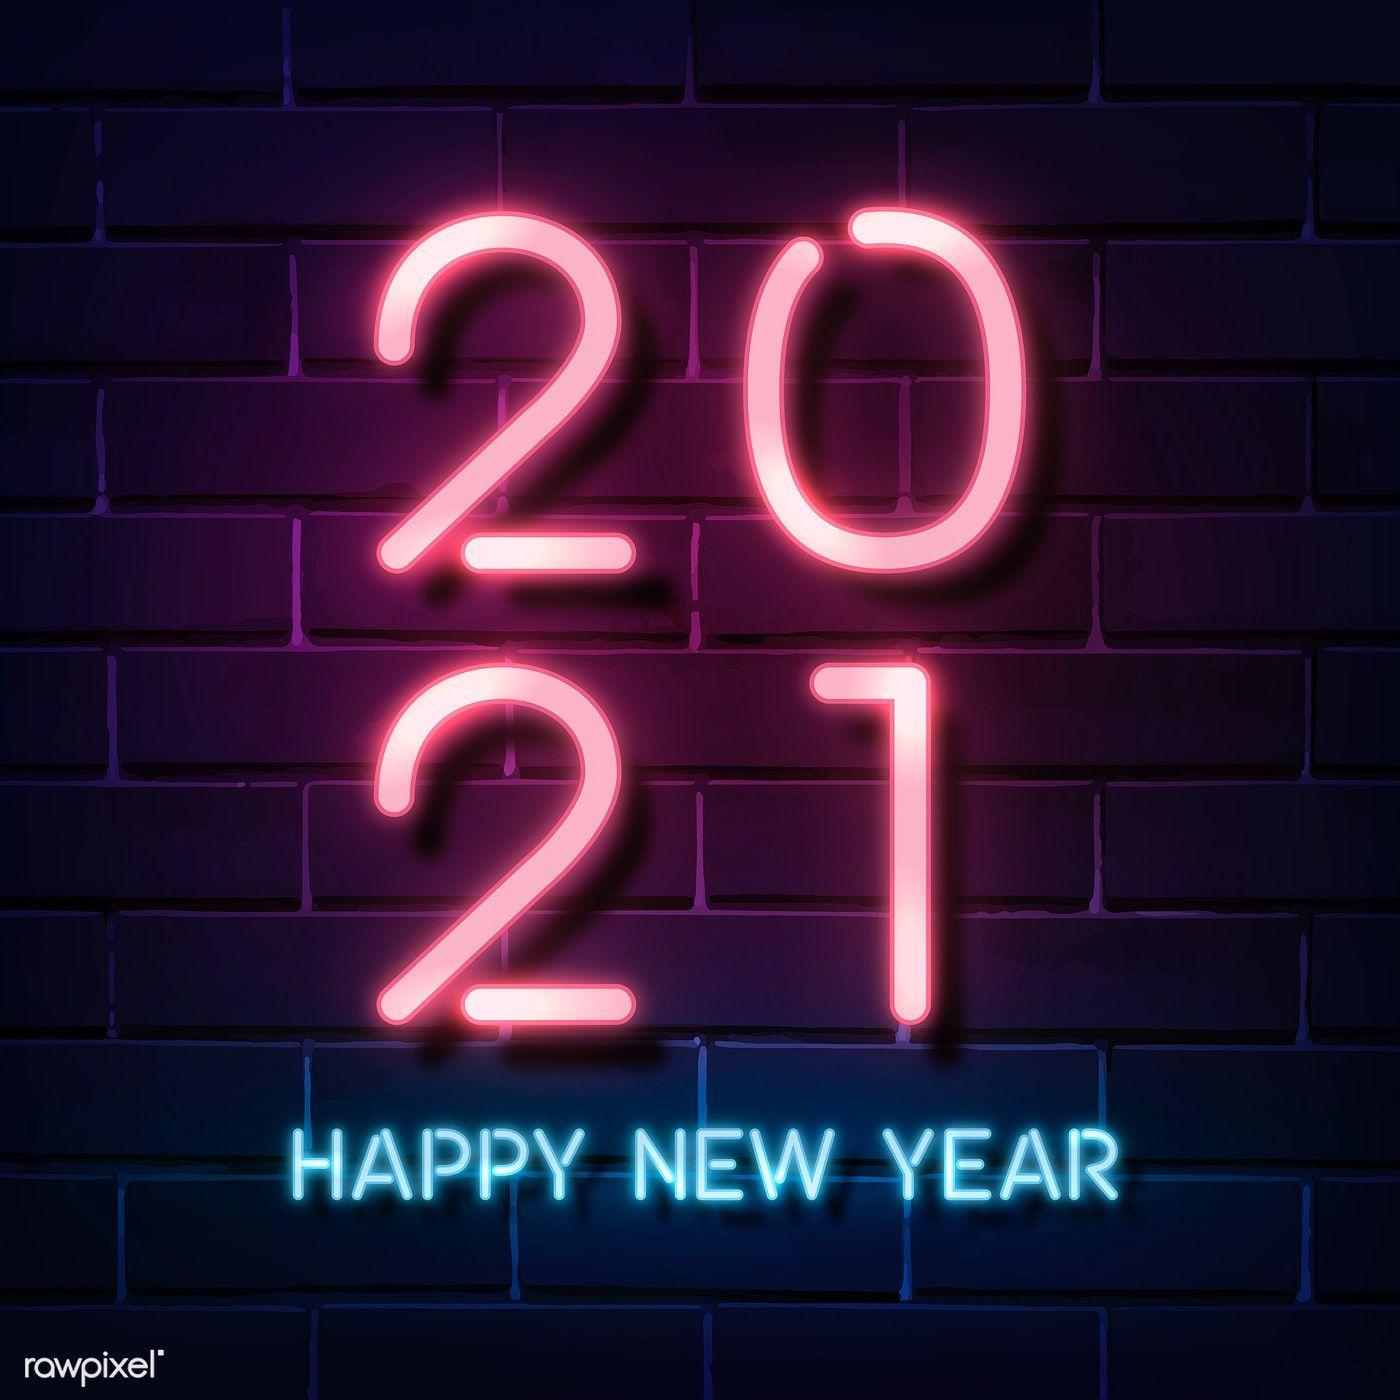 Download Premium Vector Of Pink Neon Happy New Year 2021 Social Ads Happy New Year Status Happy New Year Fireworks Happy New Year Wallpaper Coolest wallpaper images 2021